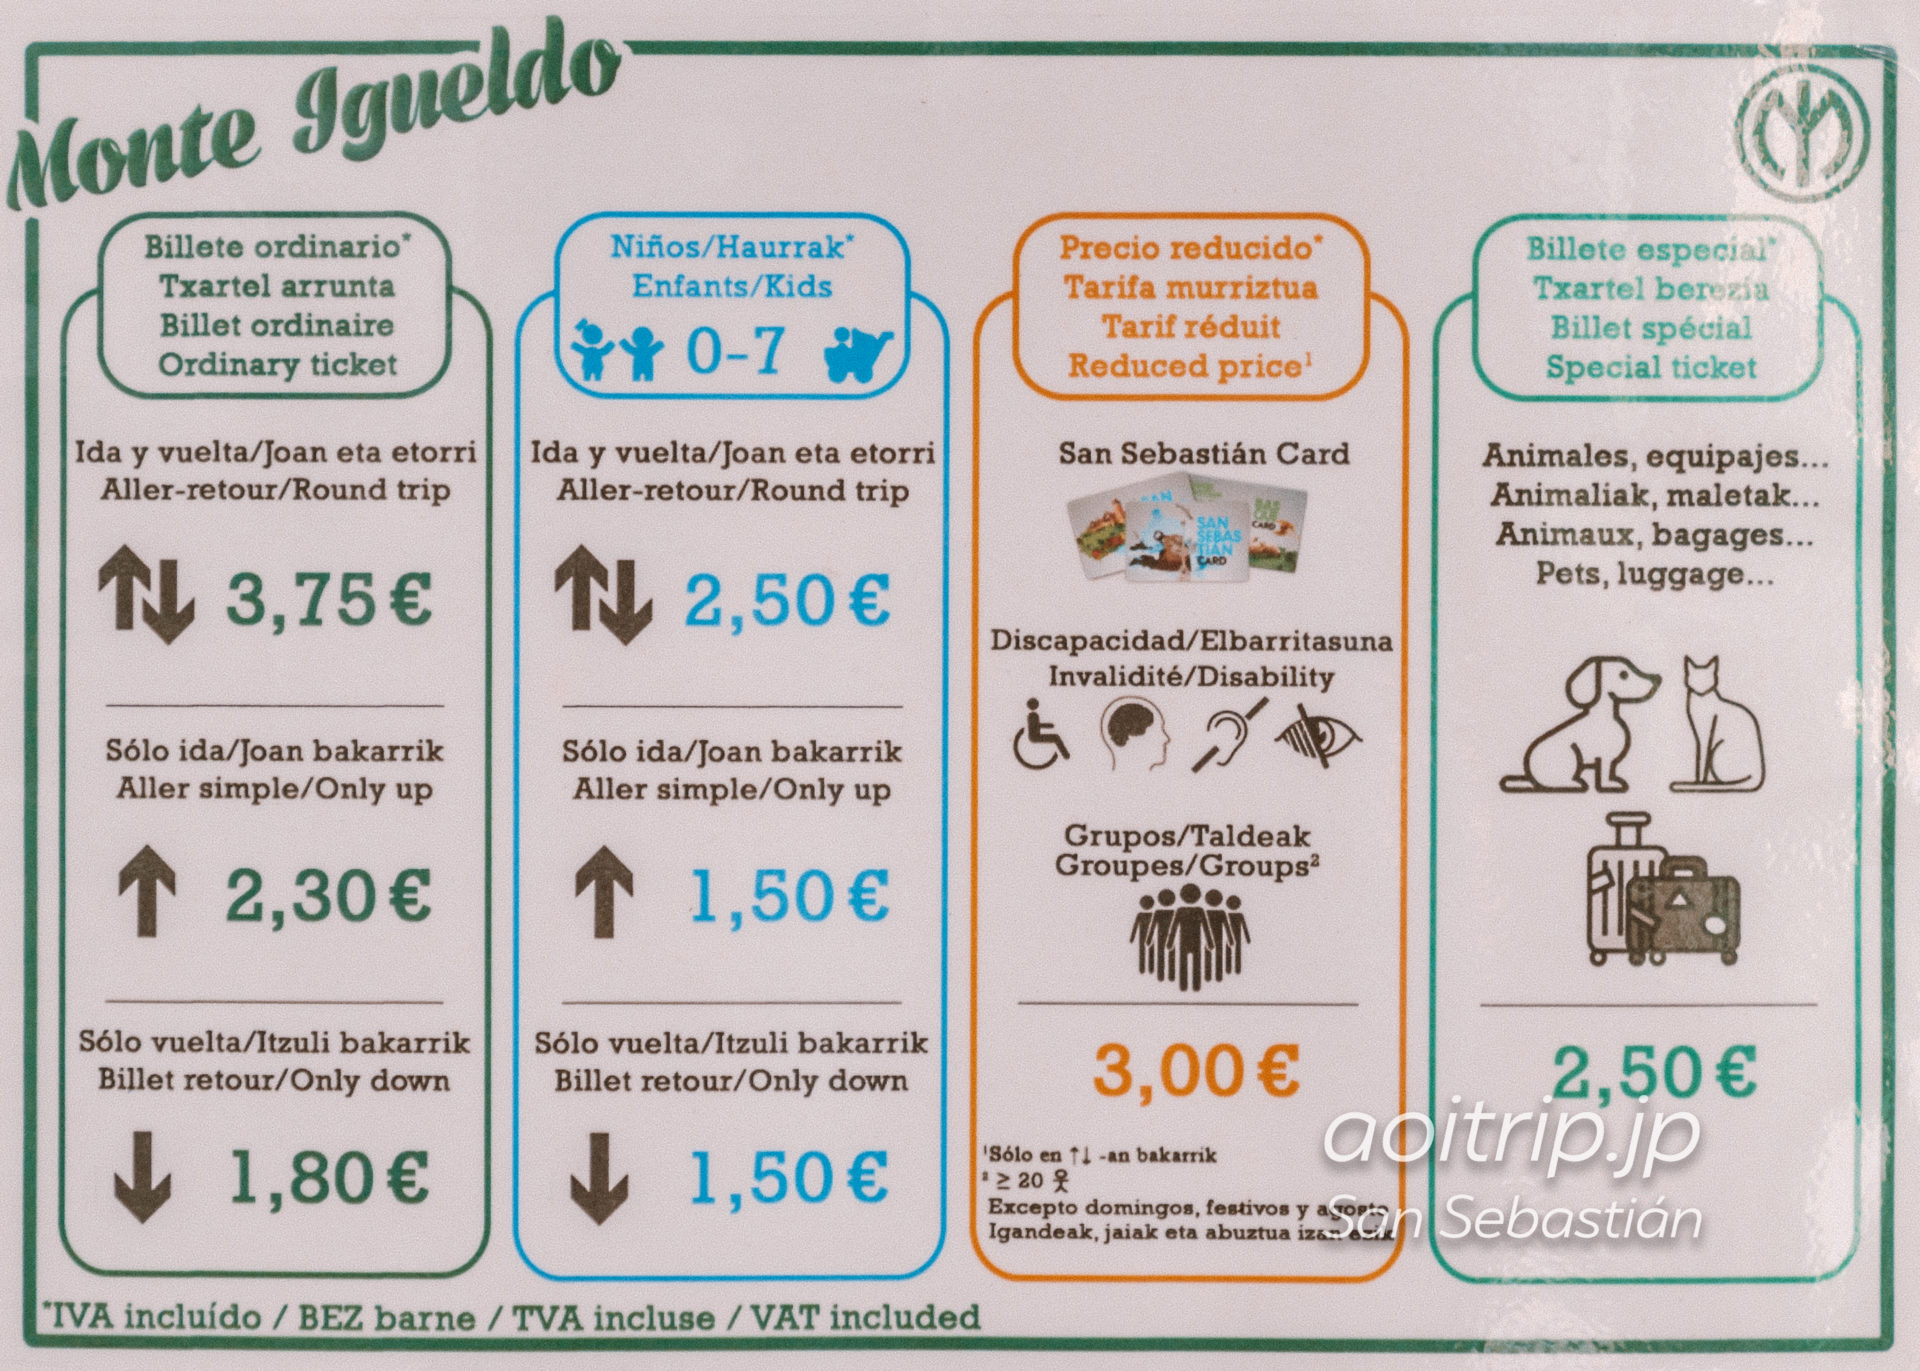 モンテイゲルドのケーブルカー料金表